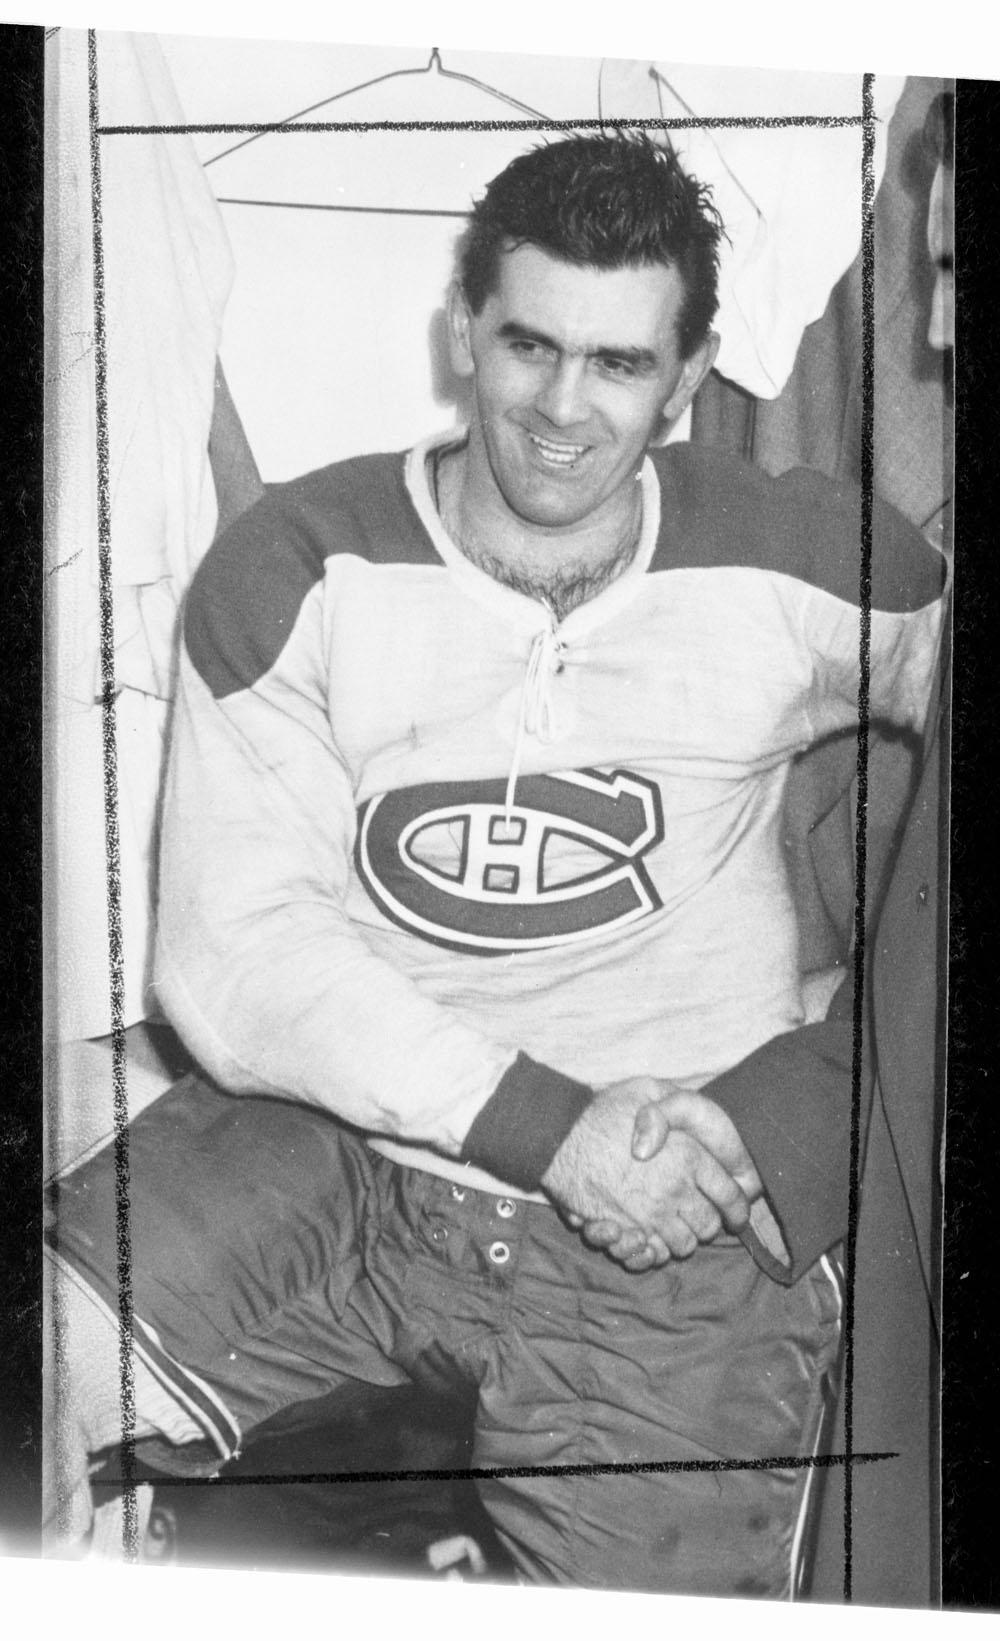 Photographie de Maurice RIchard souriant et serrant la main d'une homme.